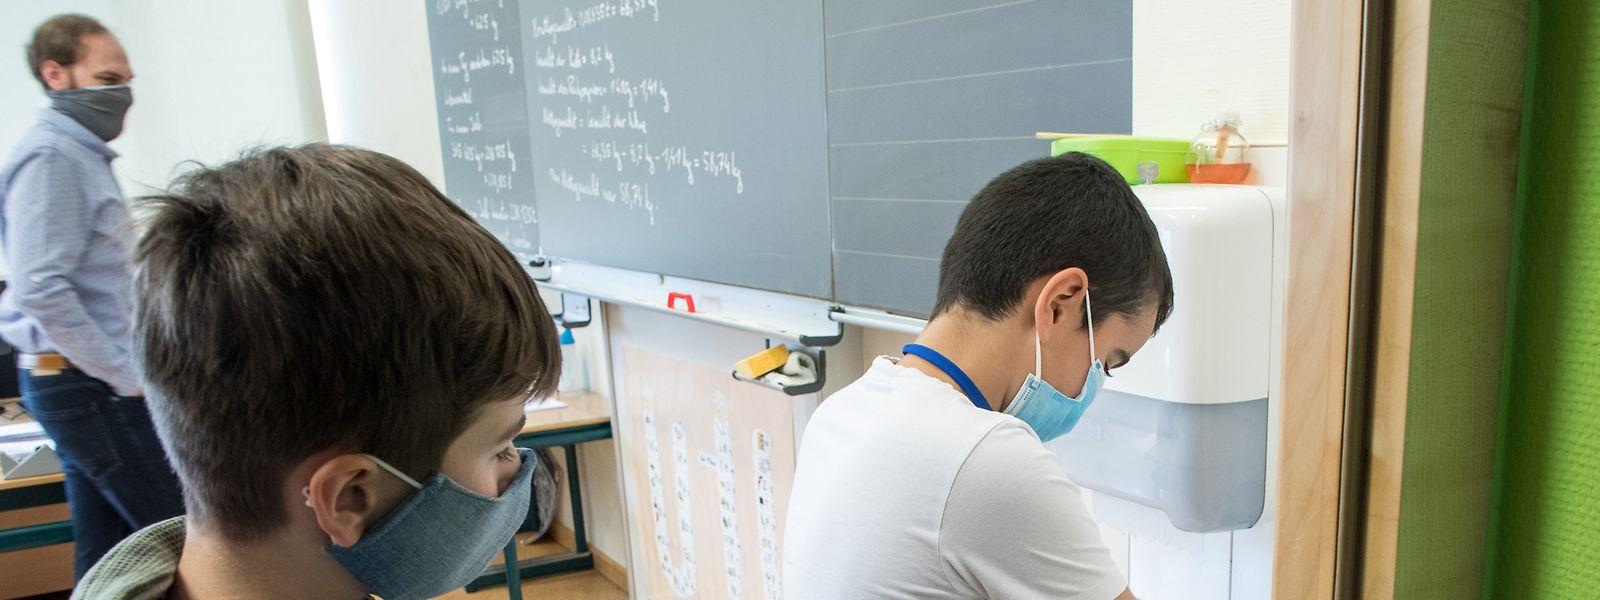 Les enseignants auraient à déterminer quels seraient les huit enfants de leur classe à bénéficier du soutien scolaire.